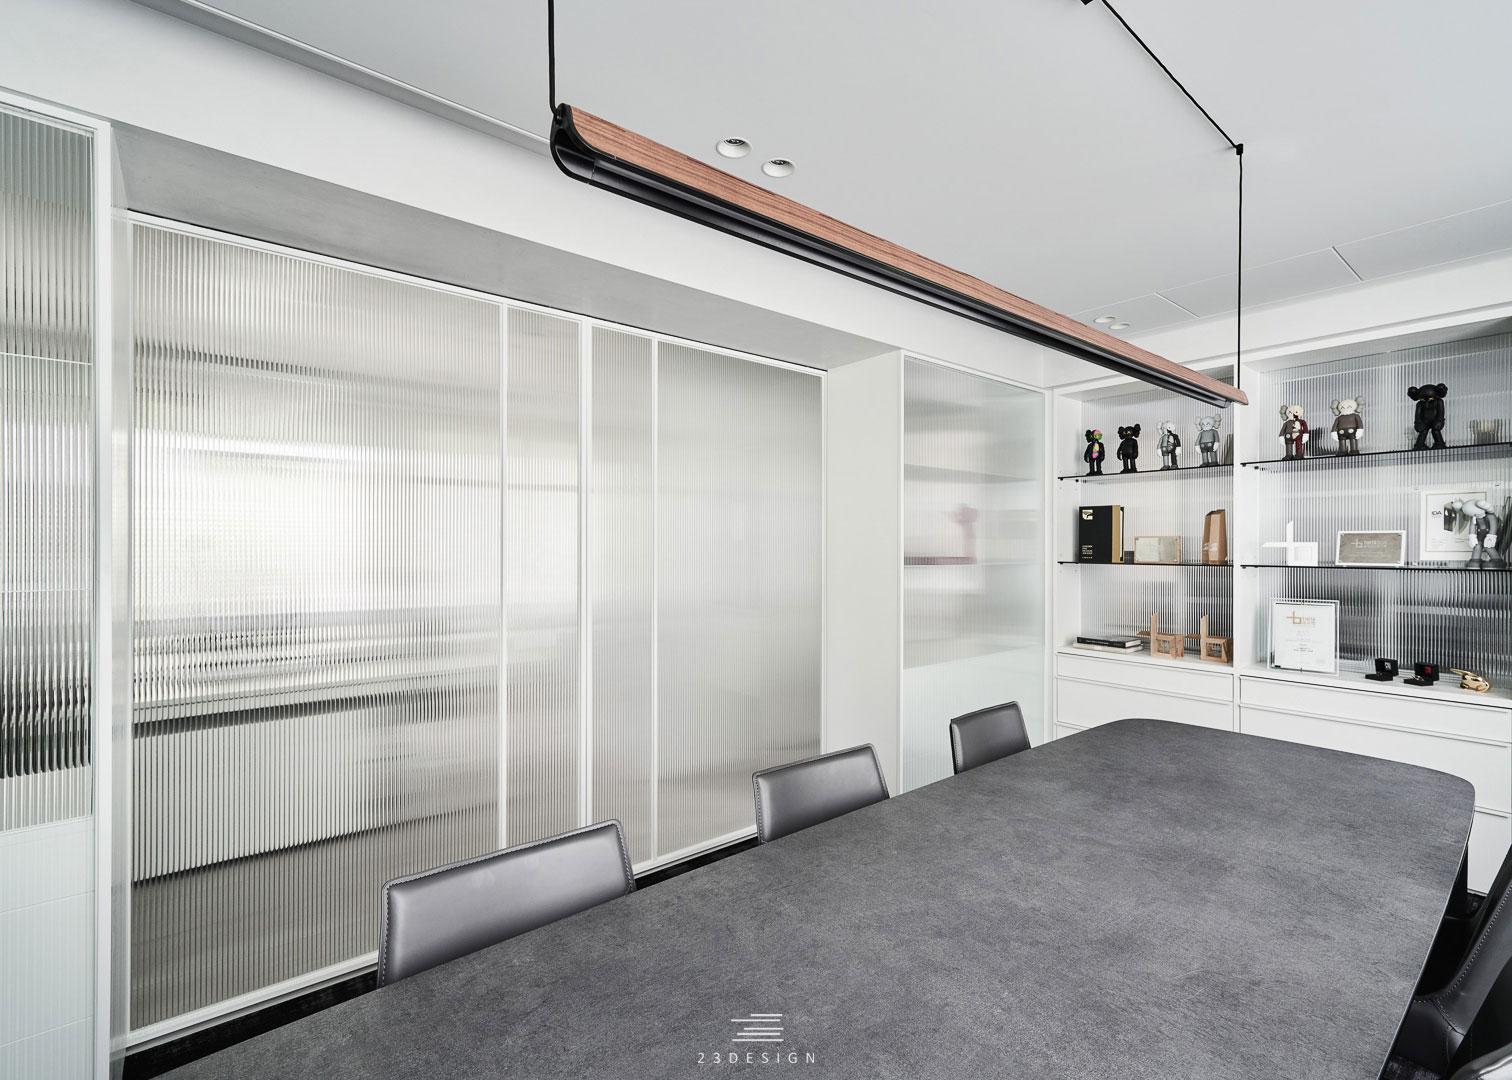 20201118_二三設計_拱-183cm-台北會議室-2